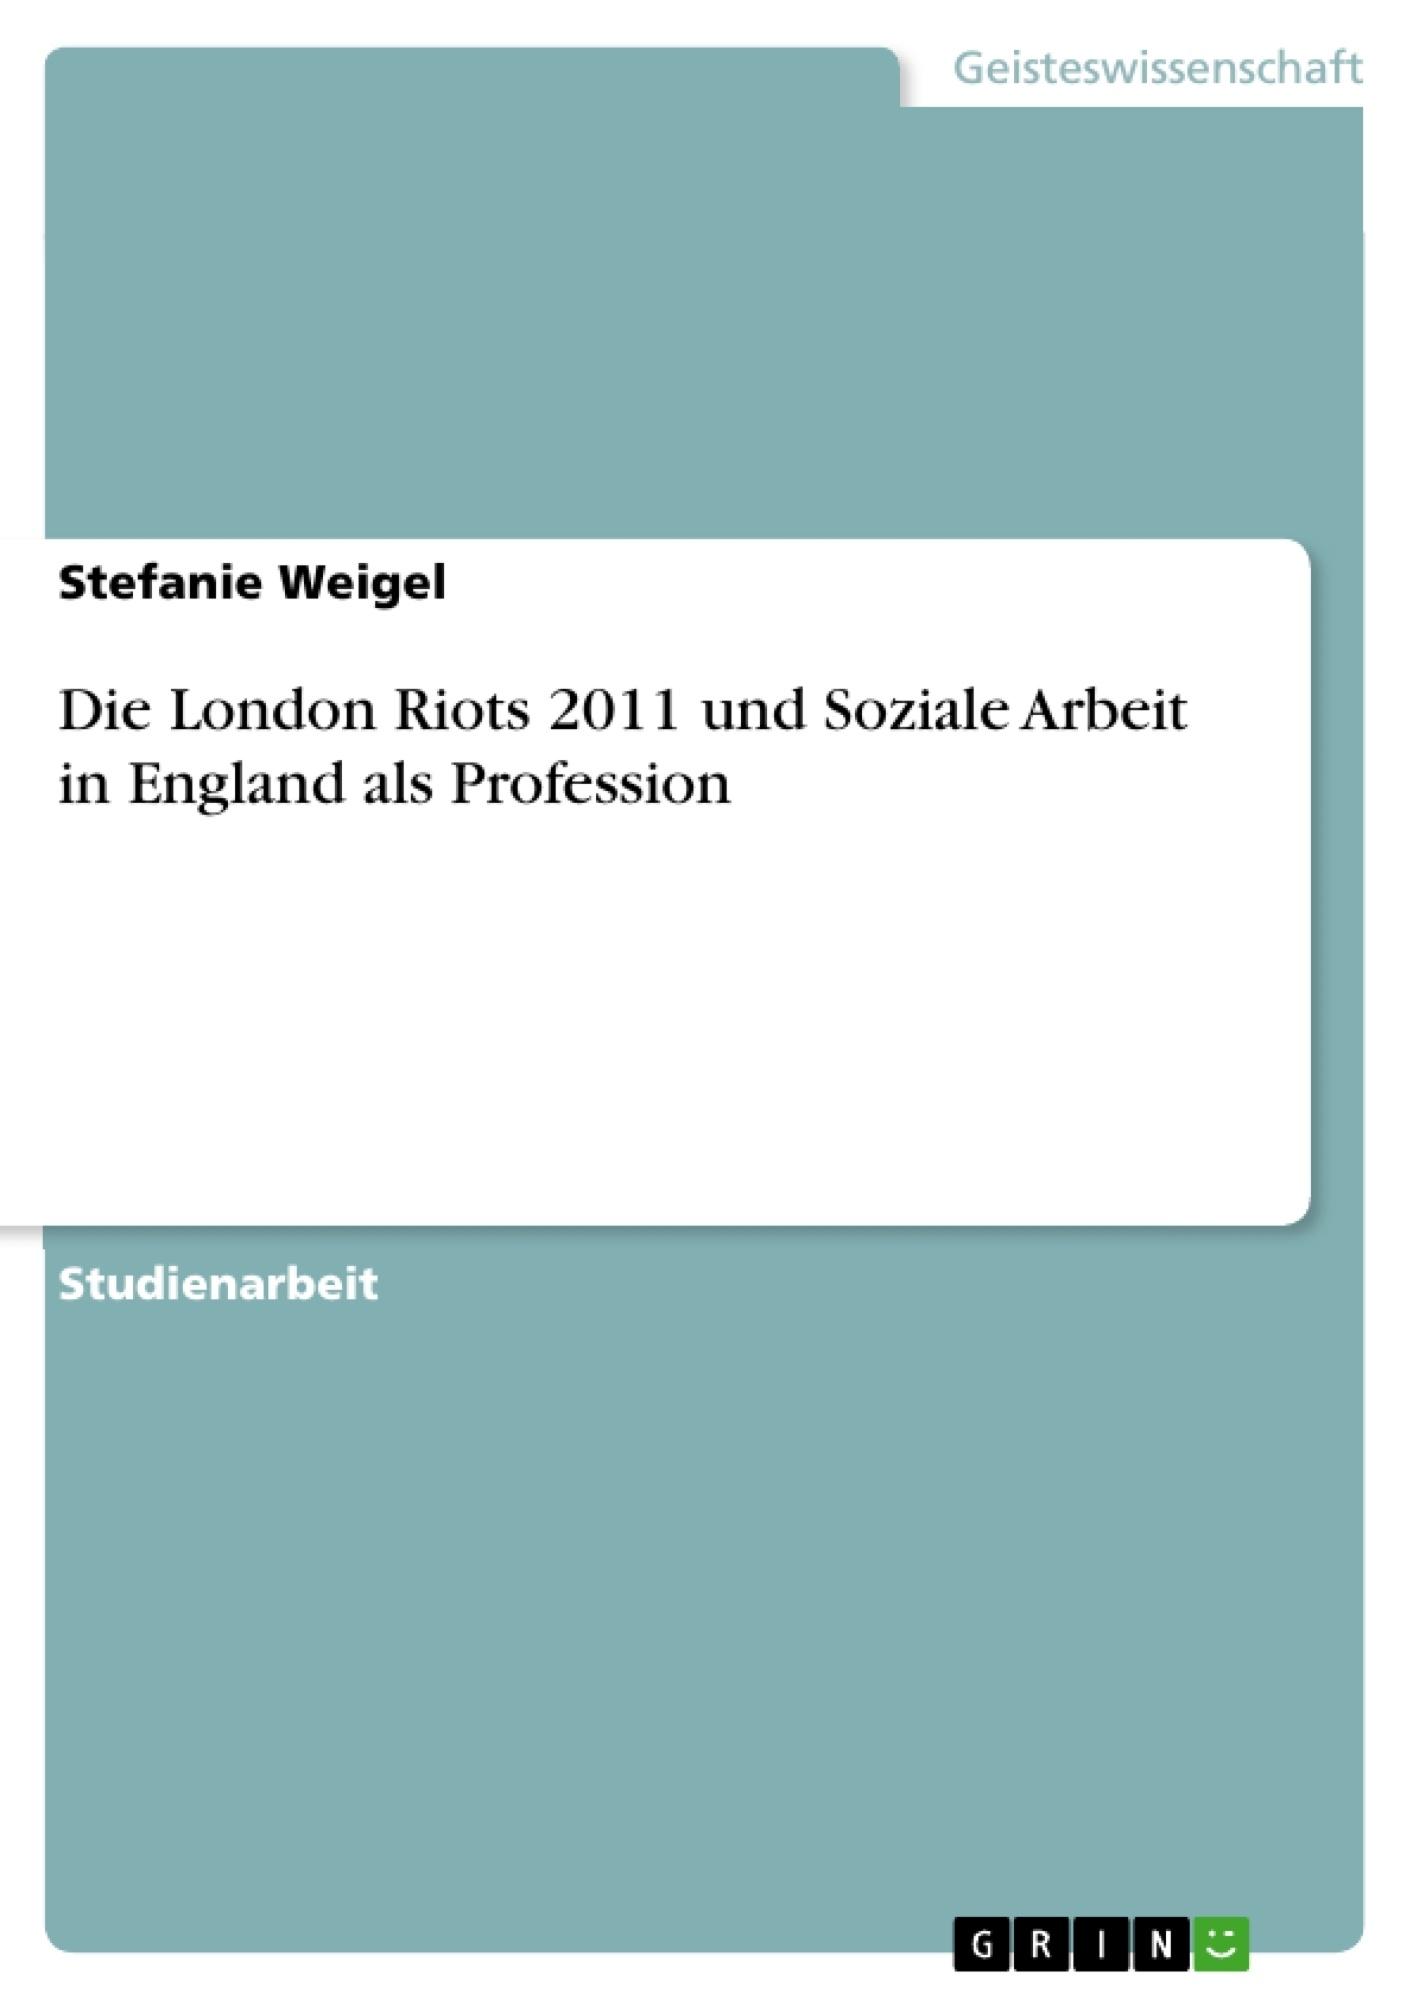 Titel: Die London Riots 2011 und Soziale Arbeit in England als Profession